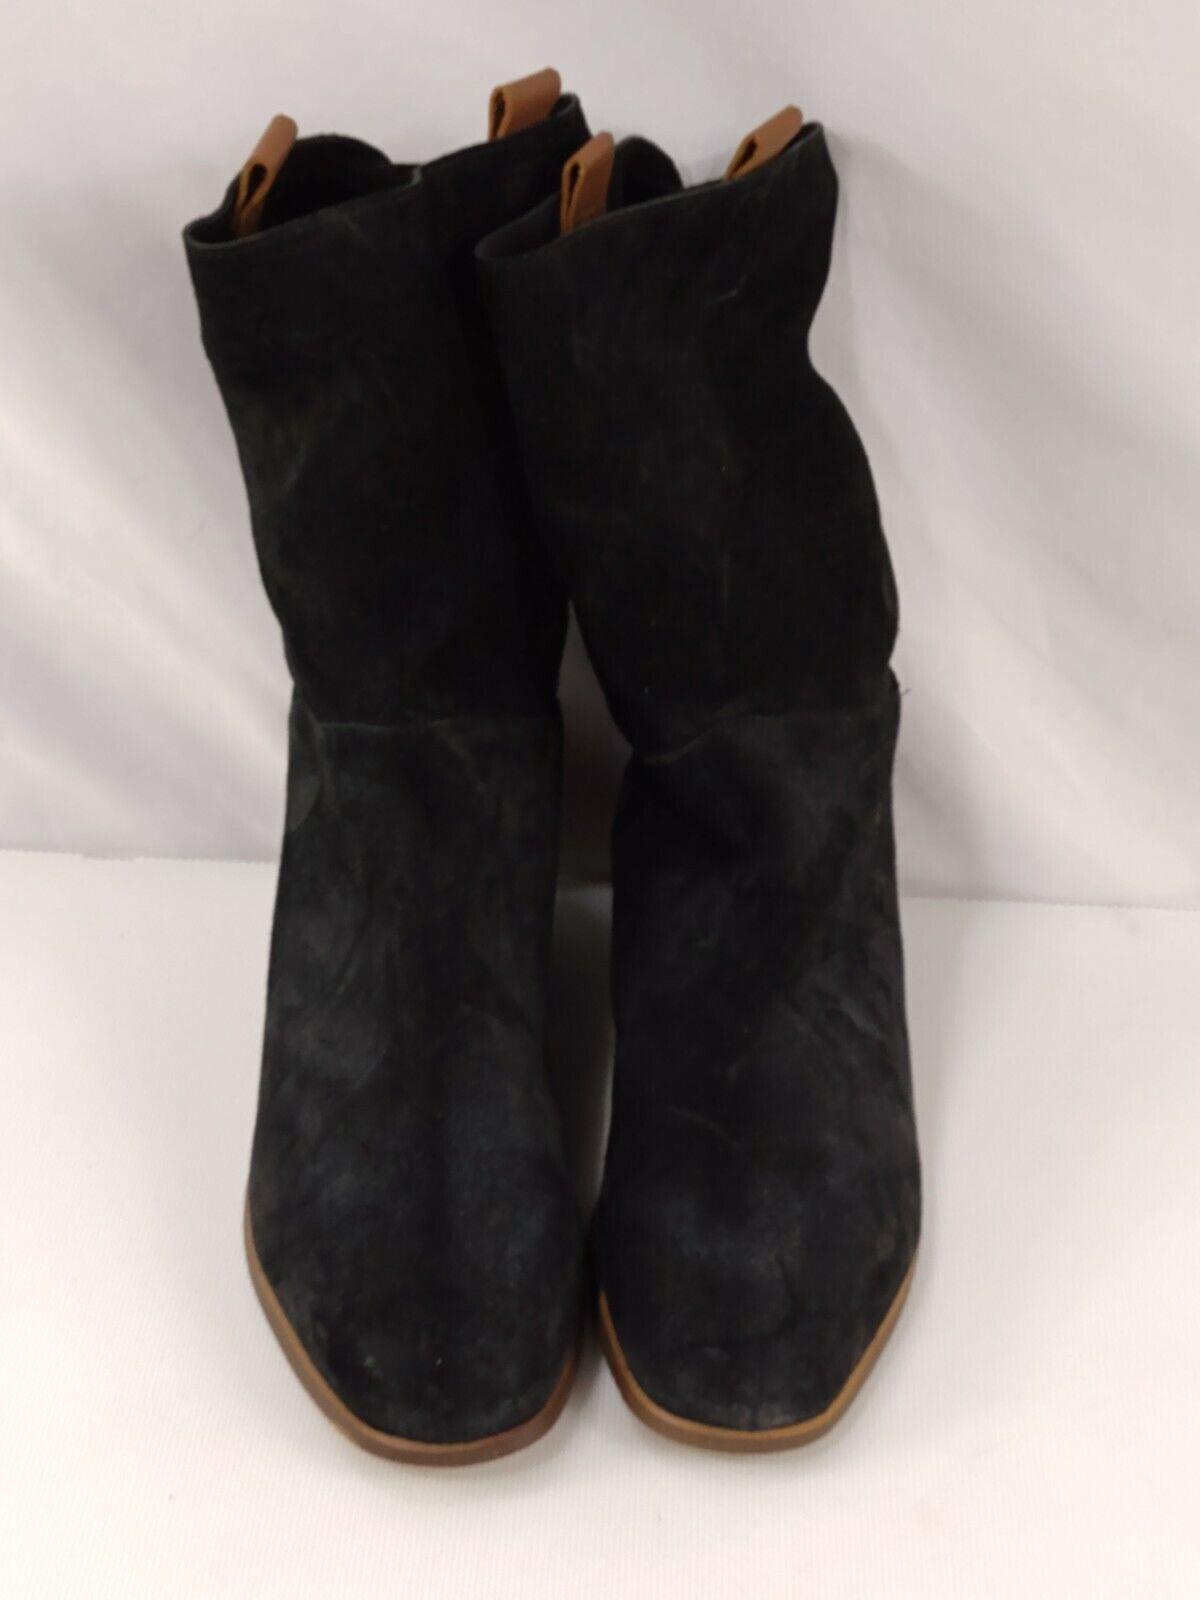 Blublonc Women's Boots 10.5 Black EU 41 Biker Leather Suede Spain 1391